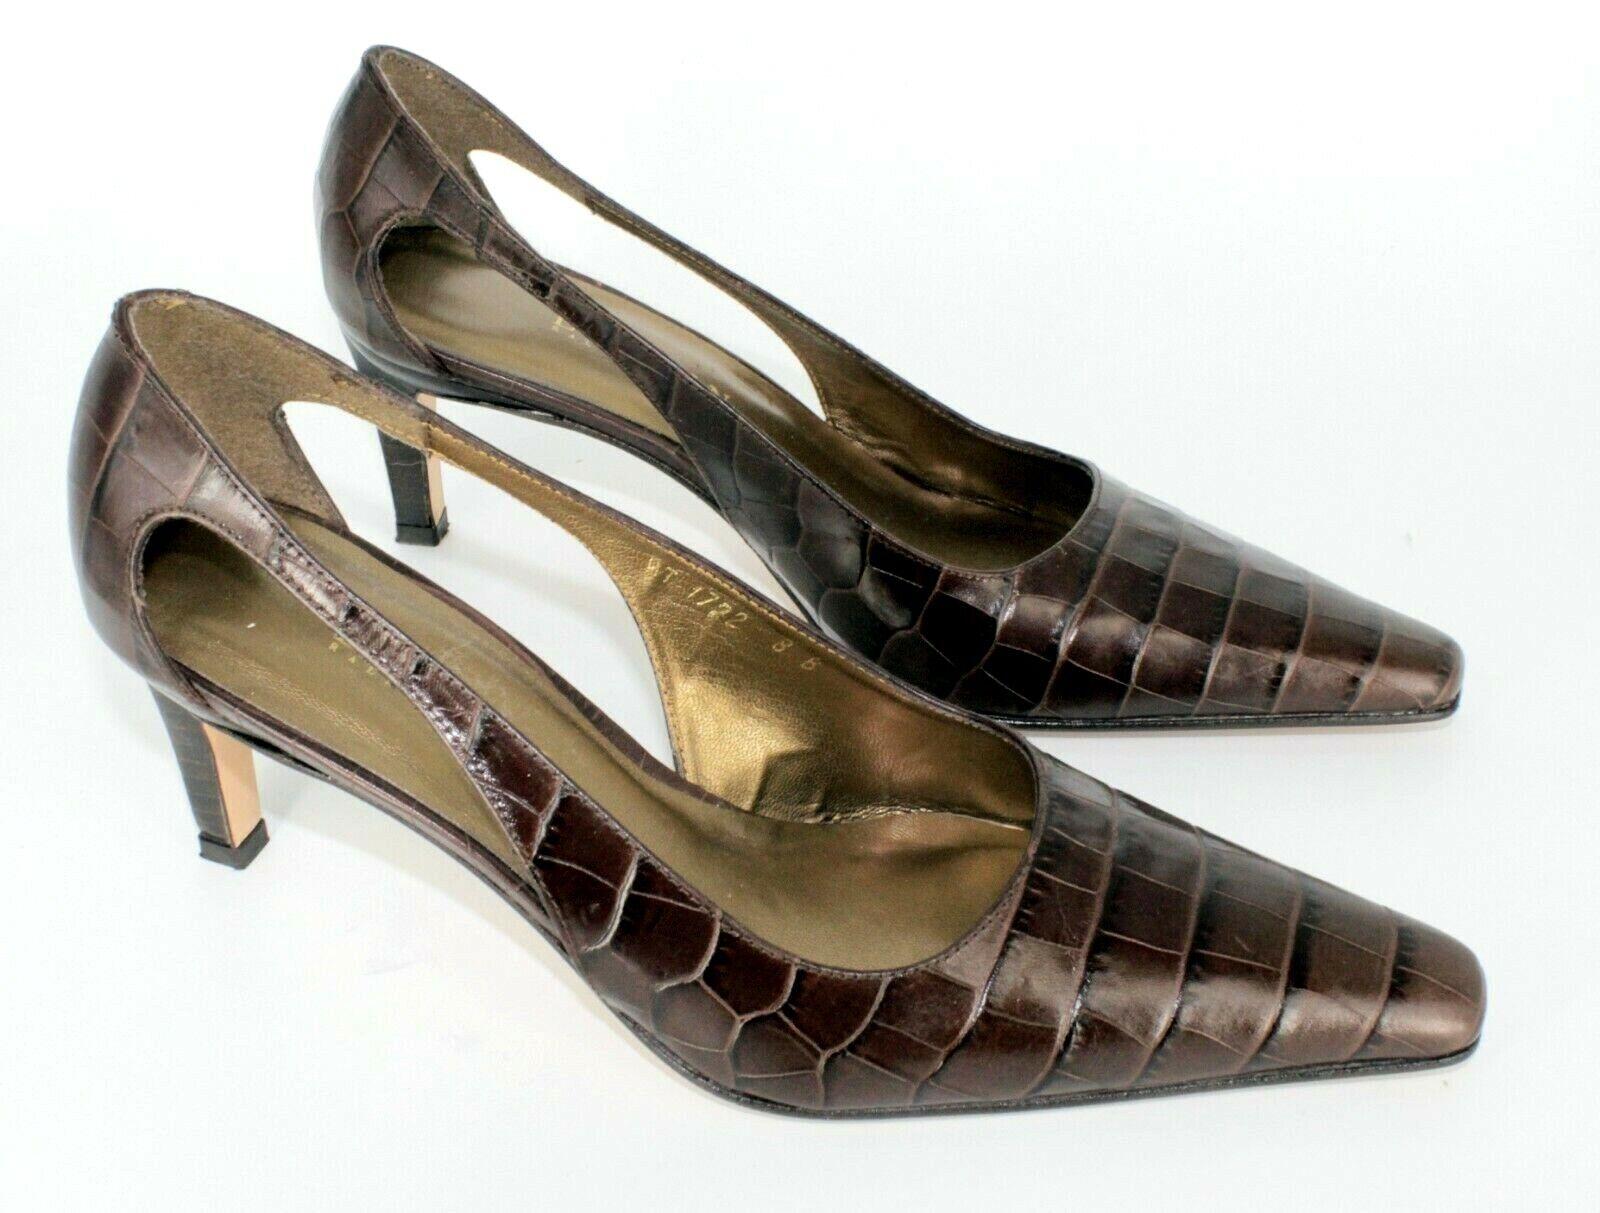 Lauren Ralph Lauren Womens Brown Croc Grain Leather High Heel Pumps Sz. 8 B